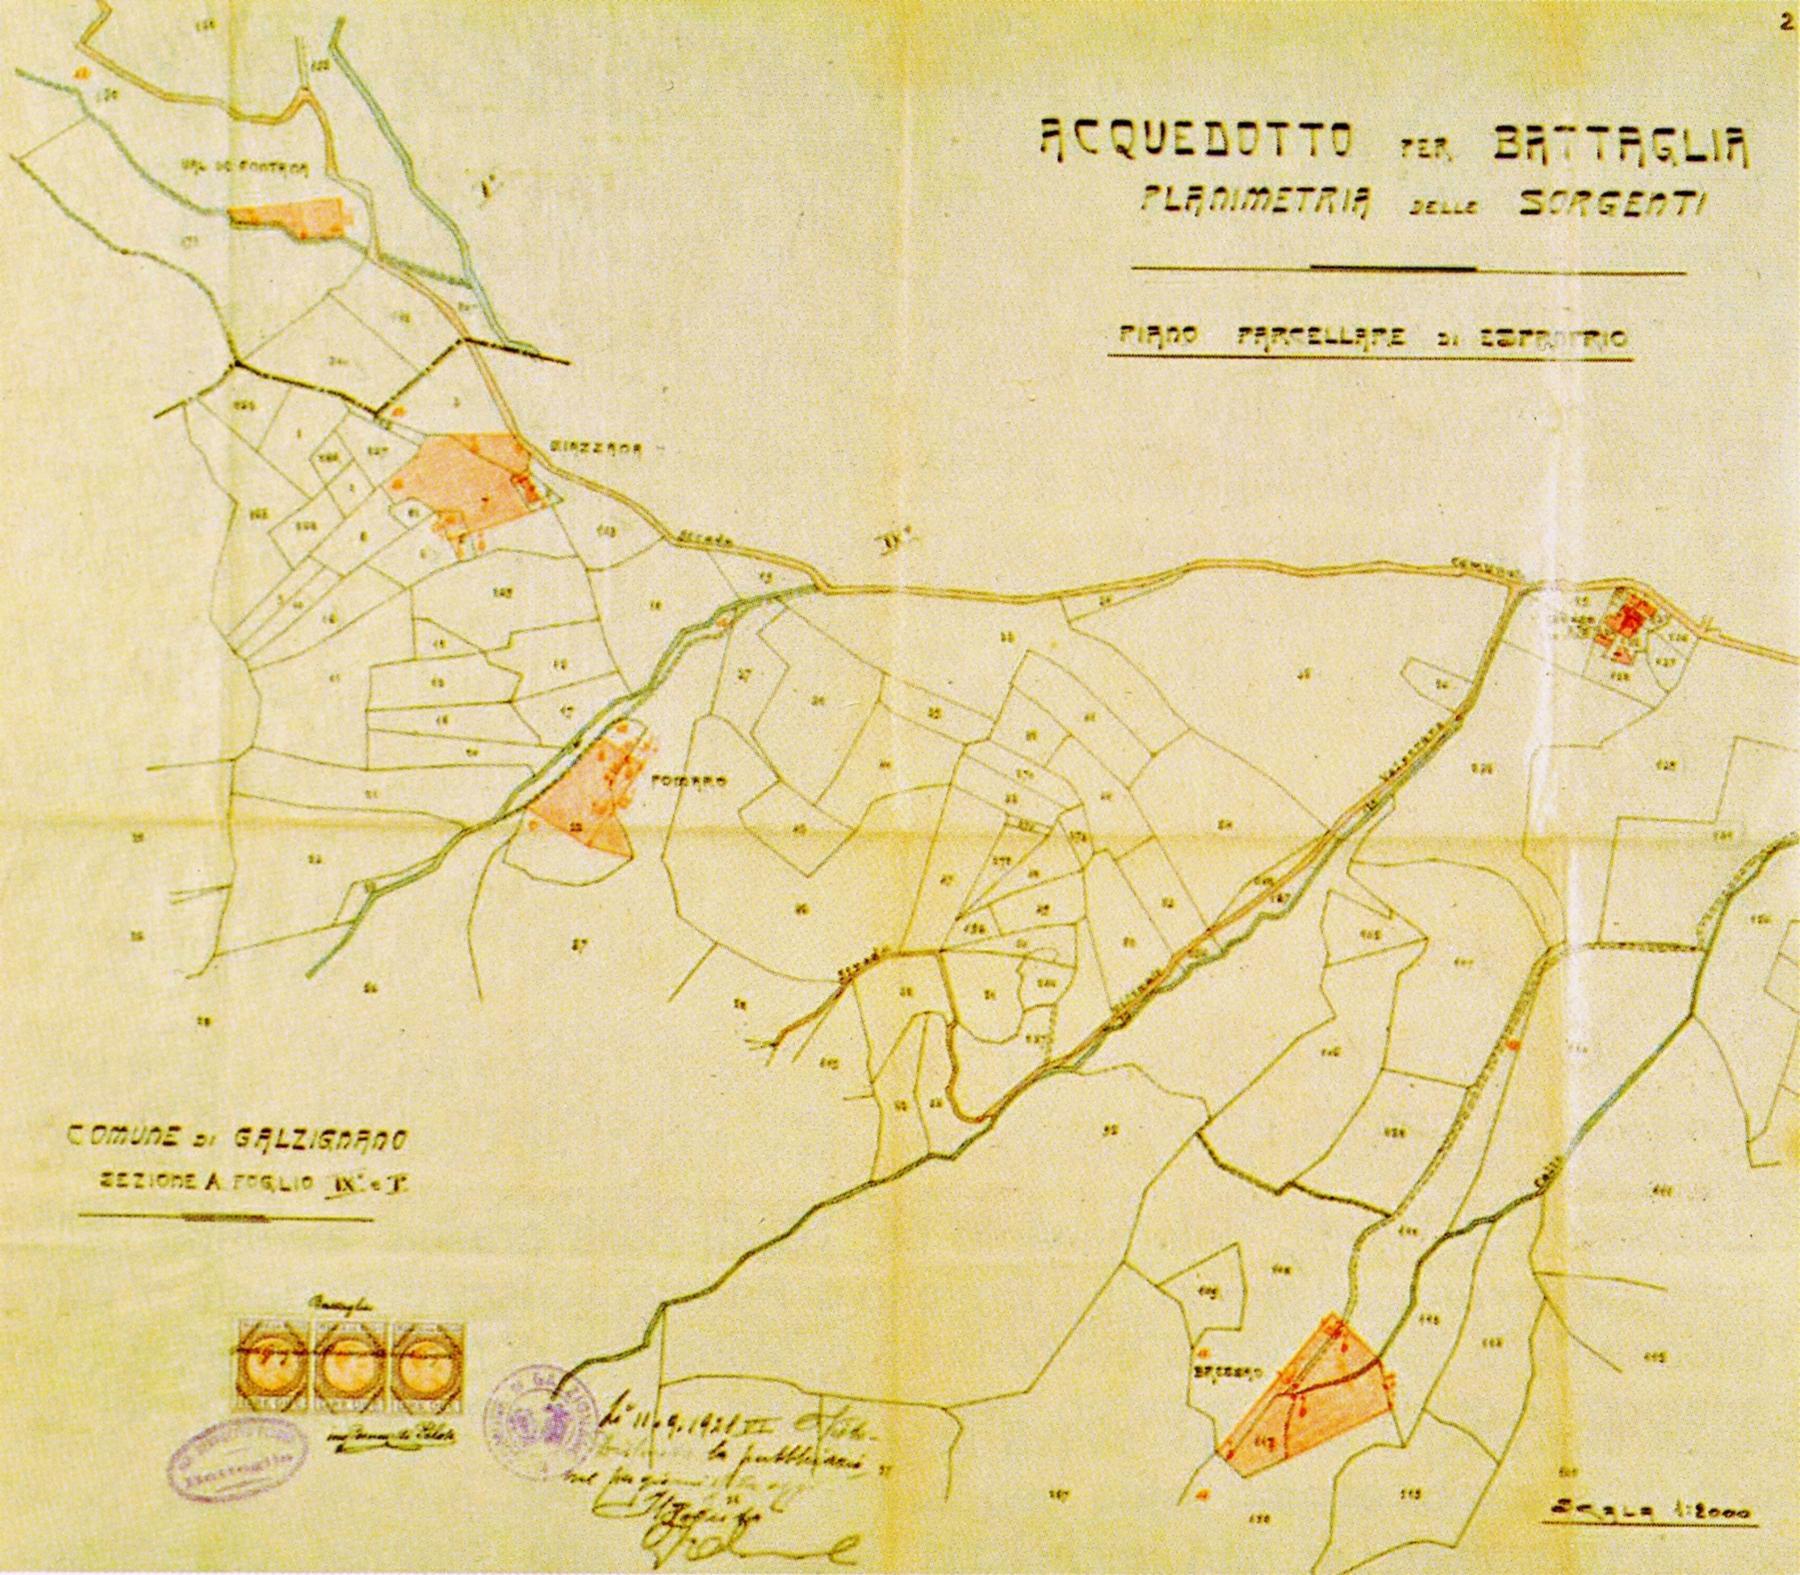 Progetto di acquedotto comunale del 6 luglio 1921. Nella planimetria sono evidenziate le sorgenti individuate.